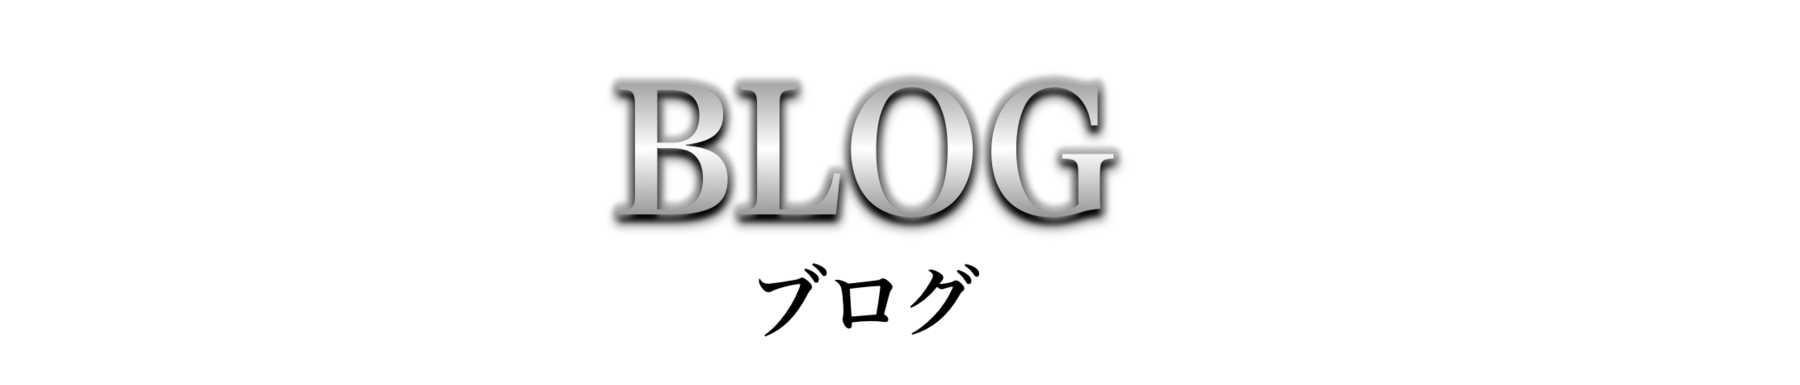 藤家物流のブログ